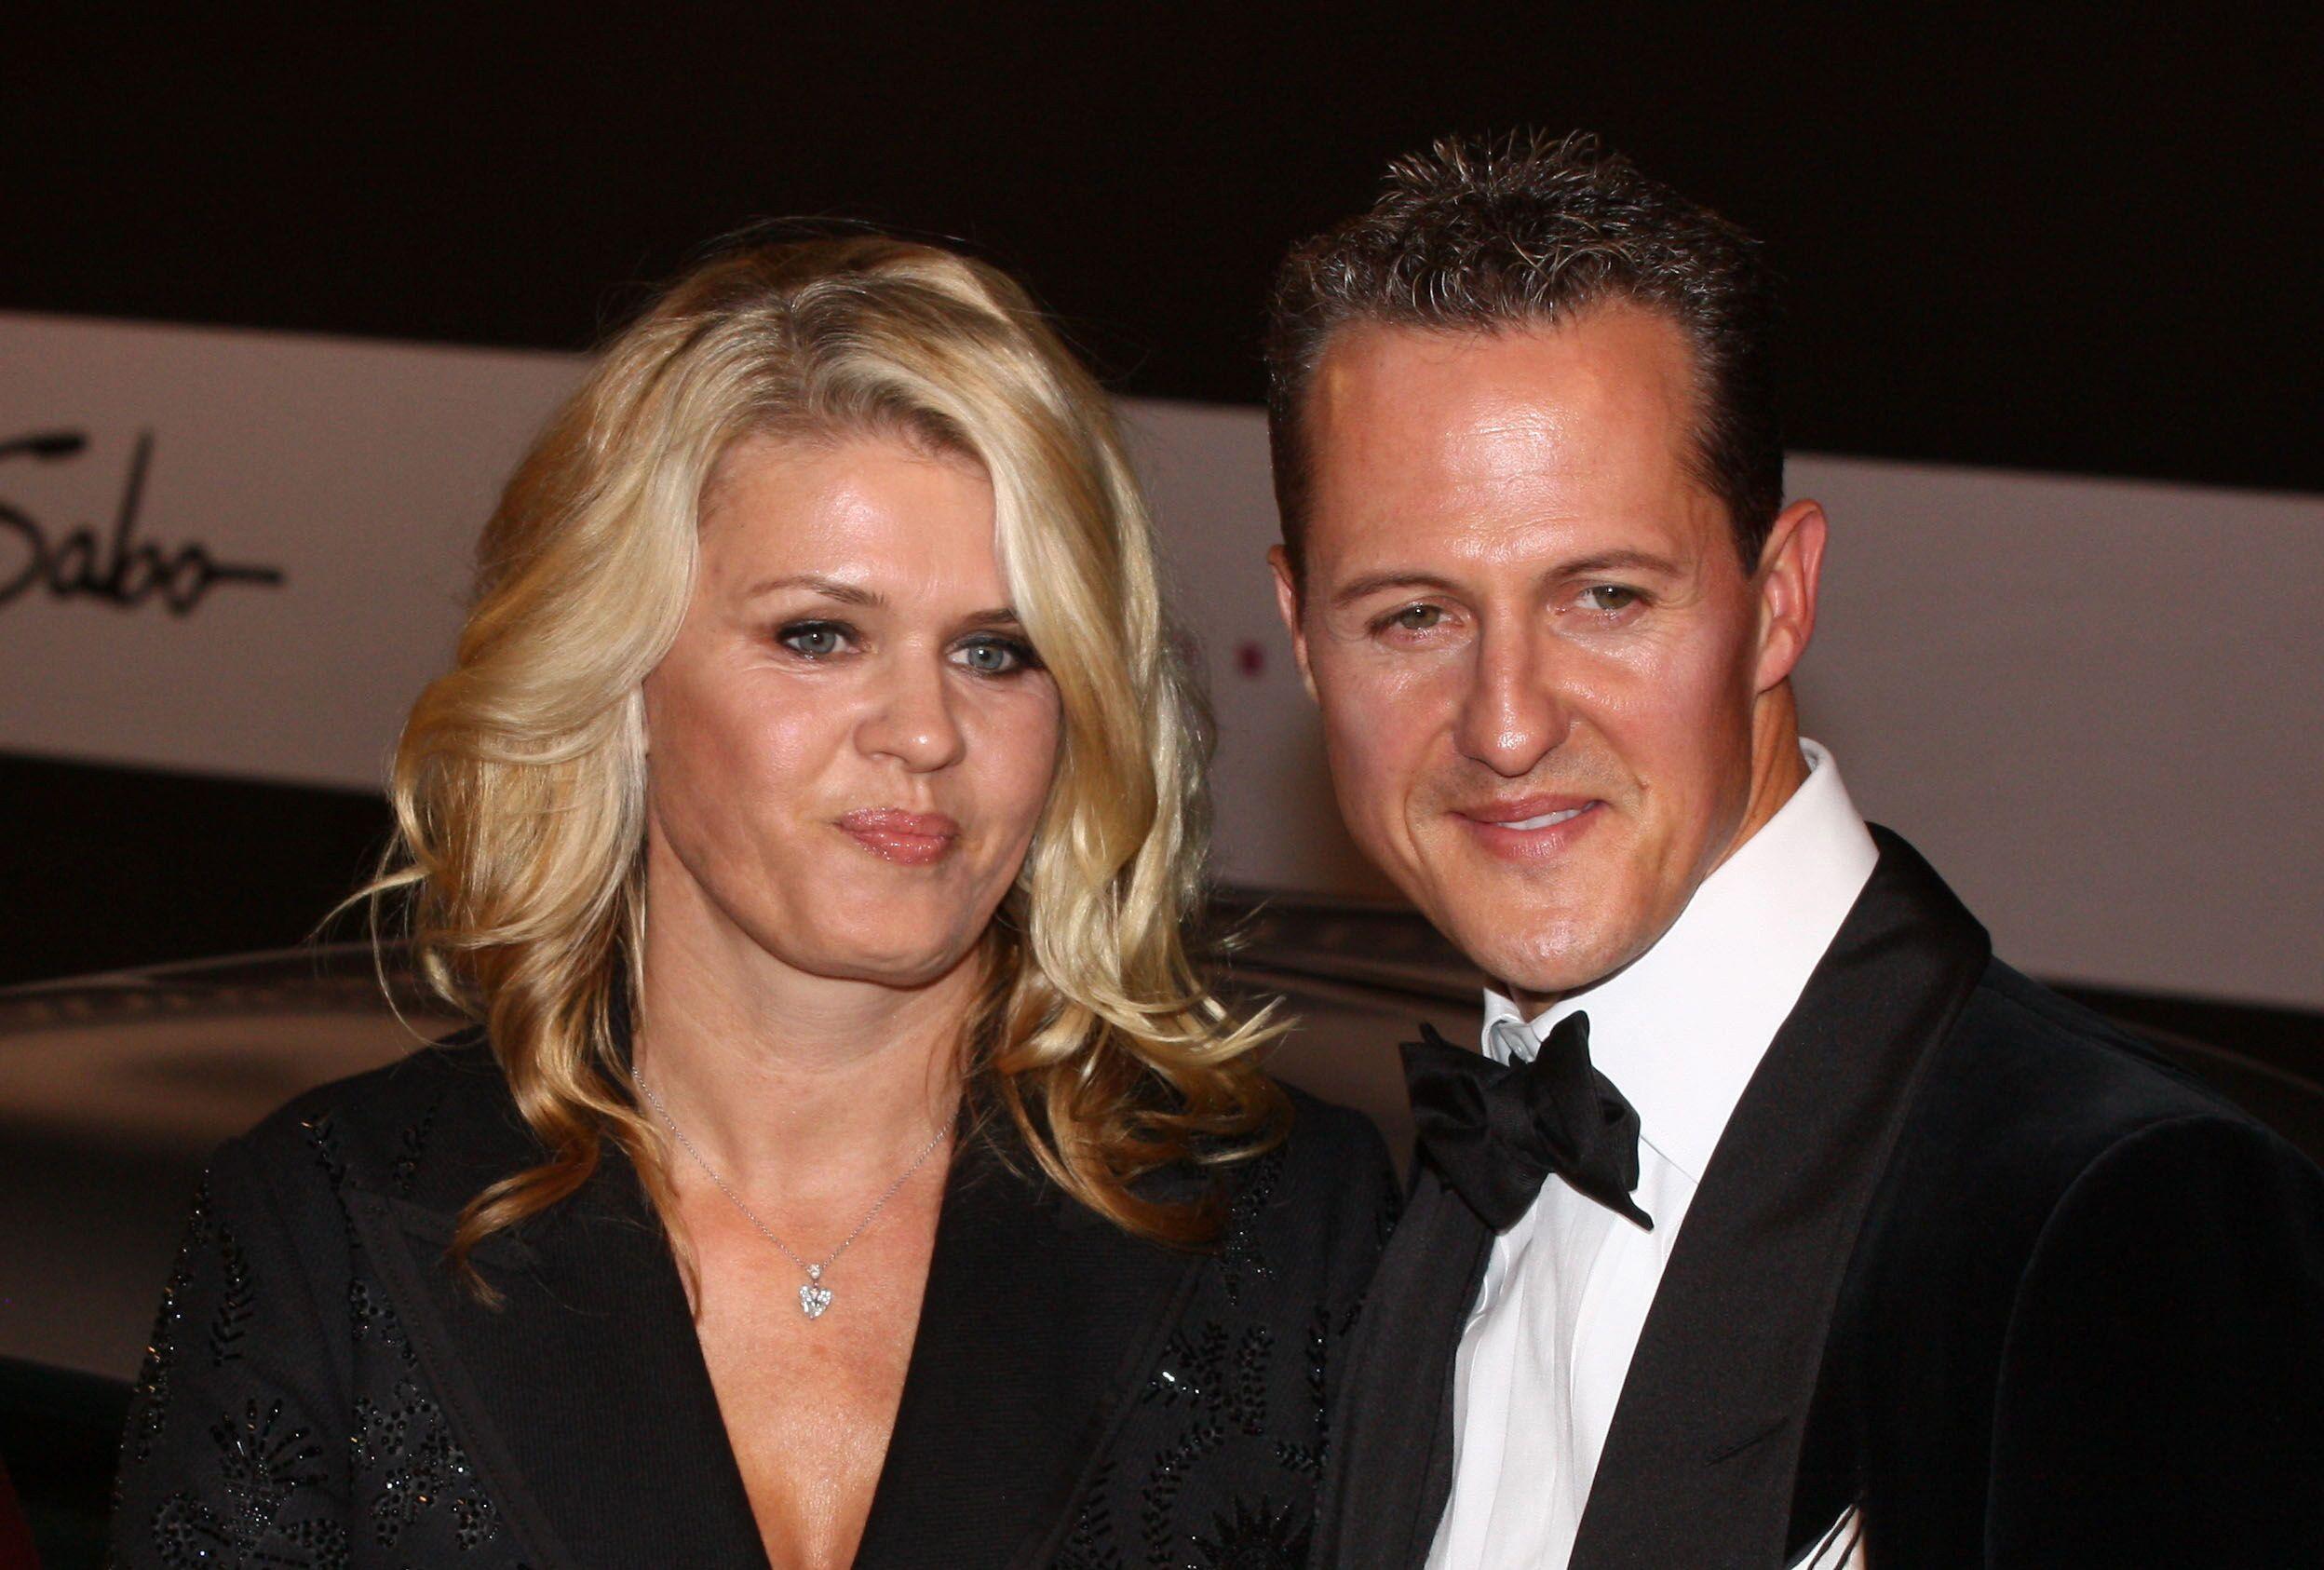 Michael Schumacher hospitalisé : un proche profère de graves accusations contre sa femme Corinna